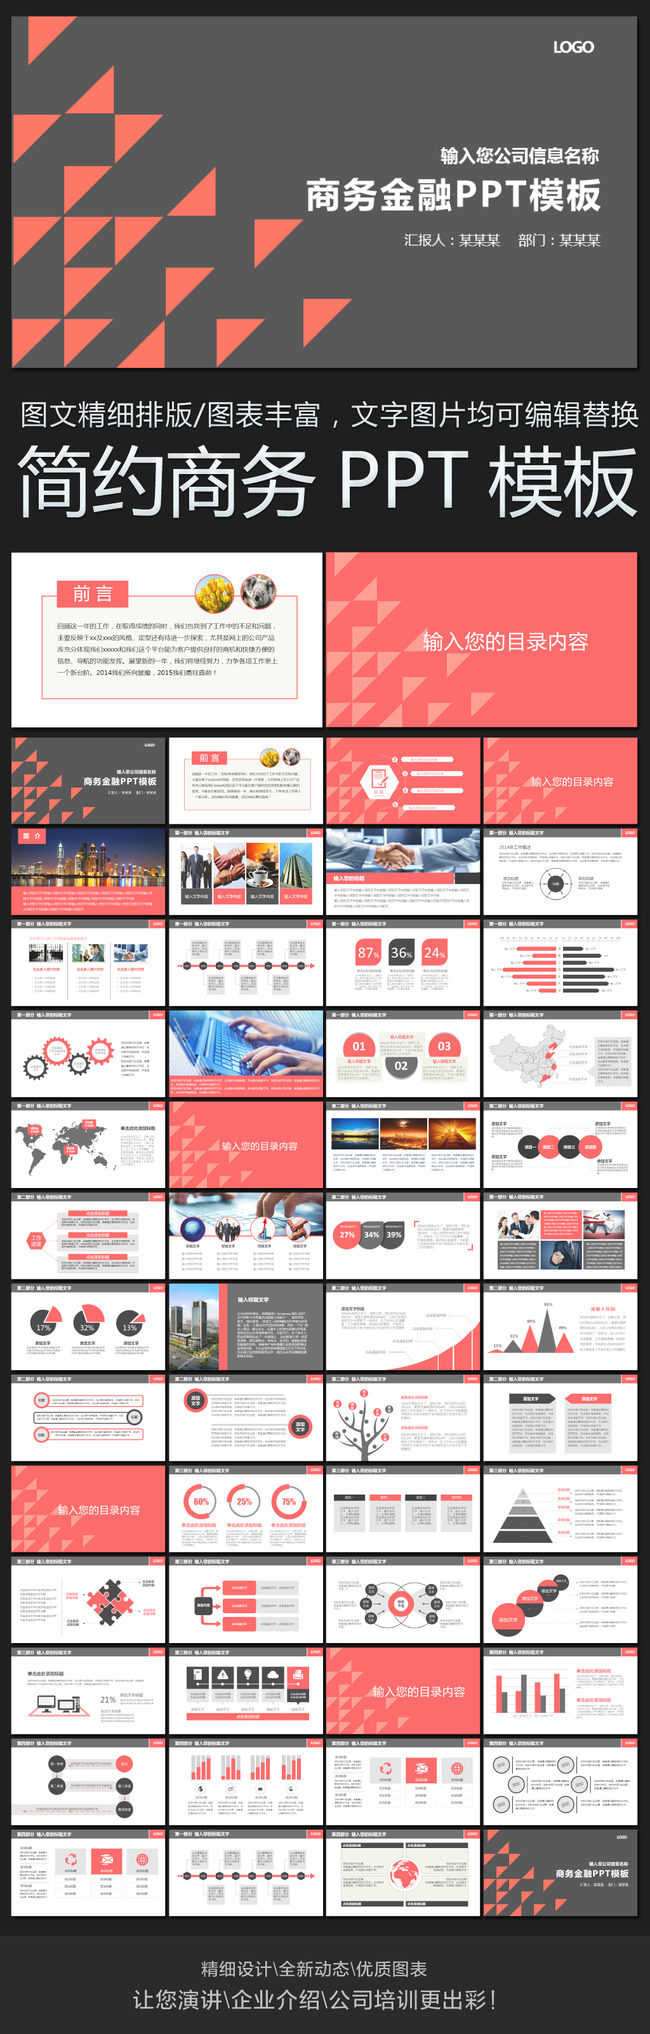 粉色设计项目ppt案例展示企业宣传ppt模板下载